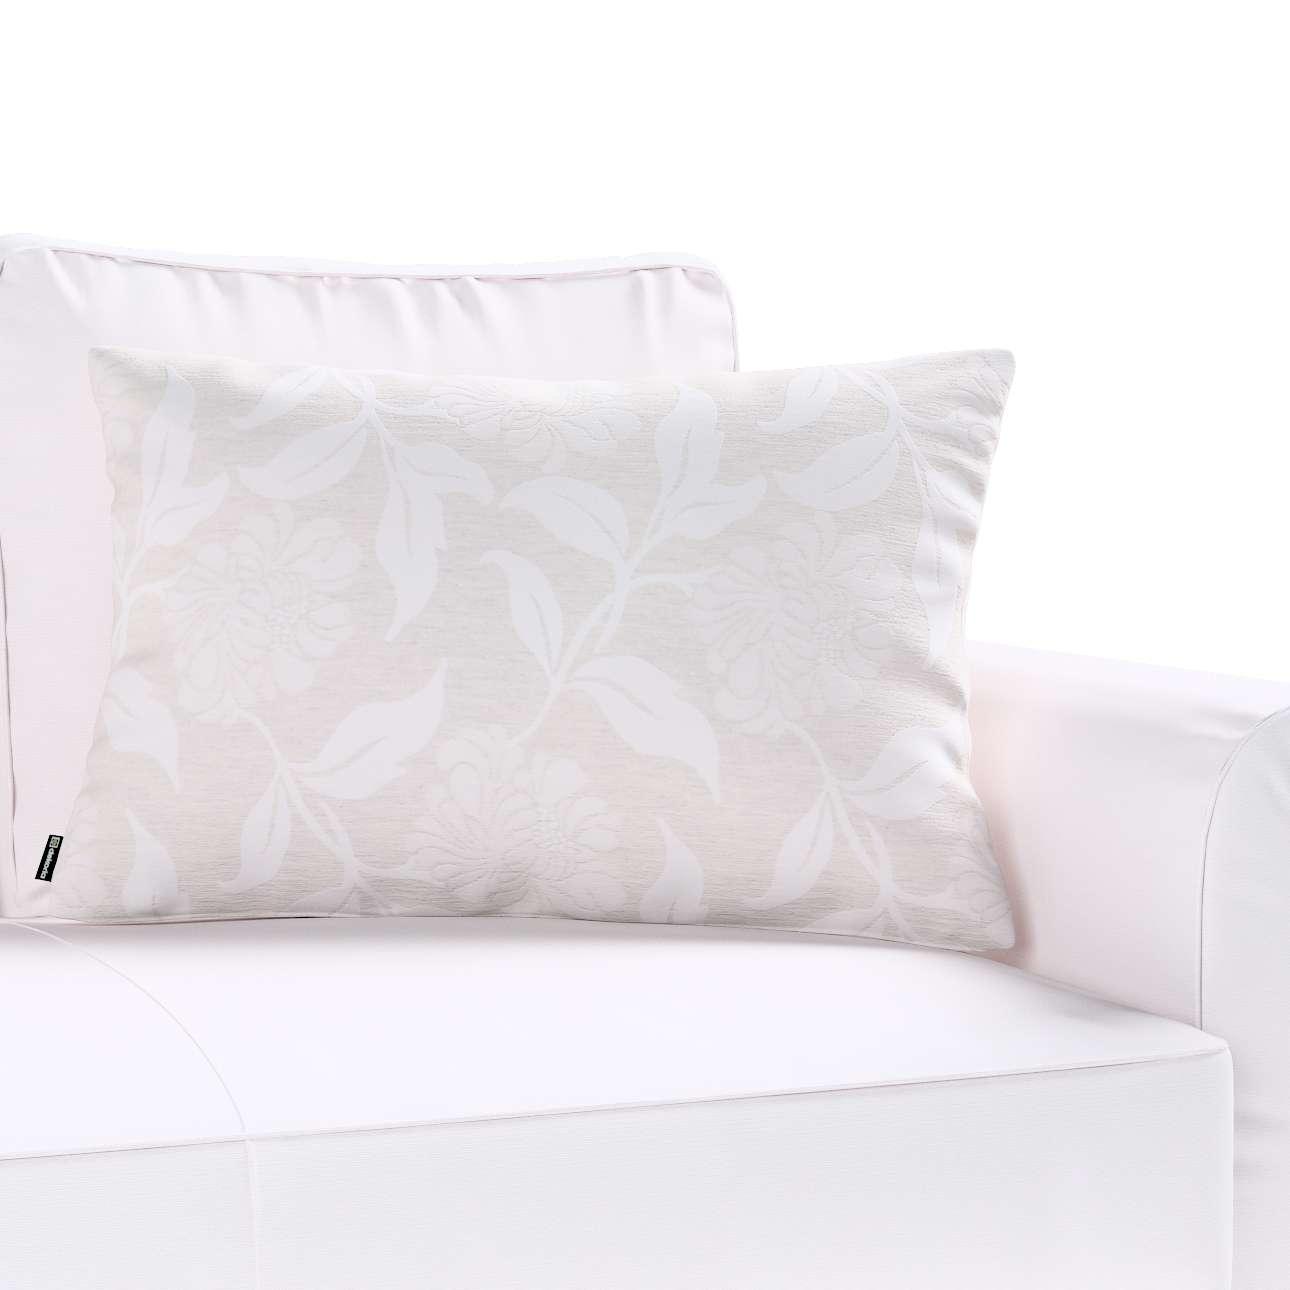 Kinga dekoratyvinės pagalvėlės užvalkalas 60x40cm 60 × 40 cm kolekcijoje Venice, audinys: 140-51